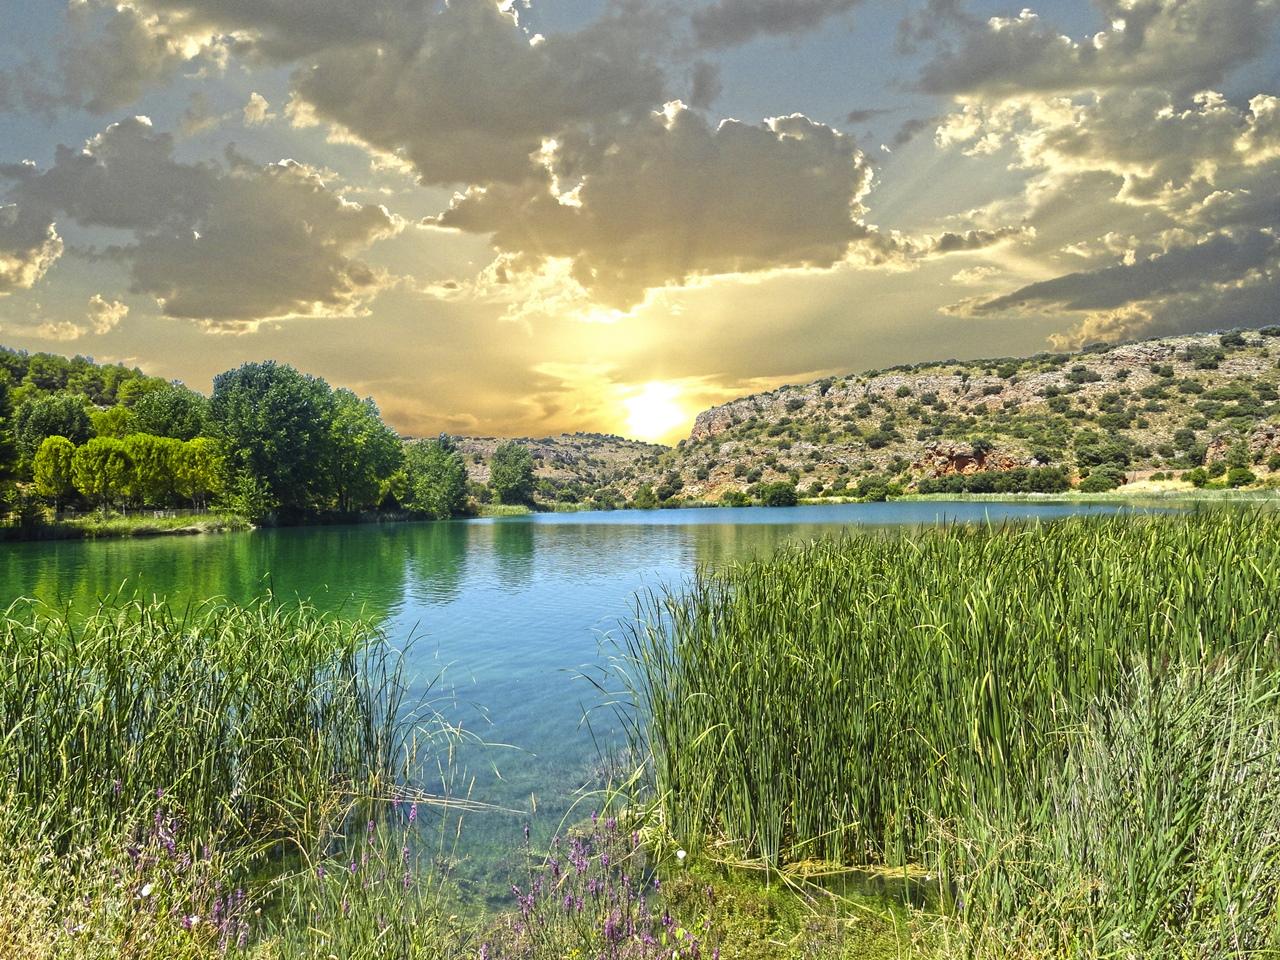 Senda del Pie de Enmedio, Parque Natural de las Lagunas de Ruidera ecoturismo turismo sostenible sabersabor La Mancha Ciudad Real Laguna del Rey